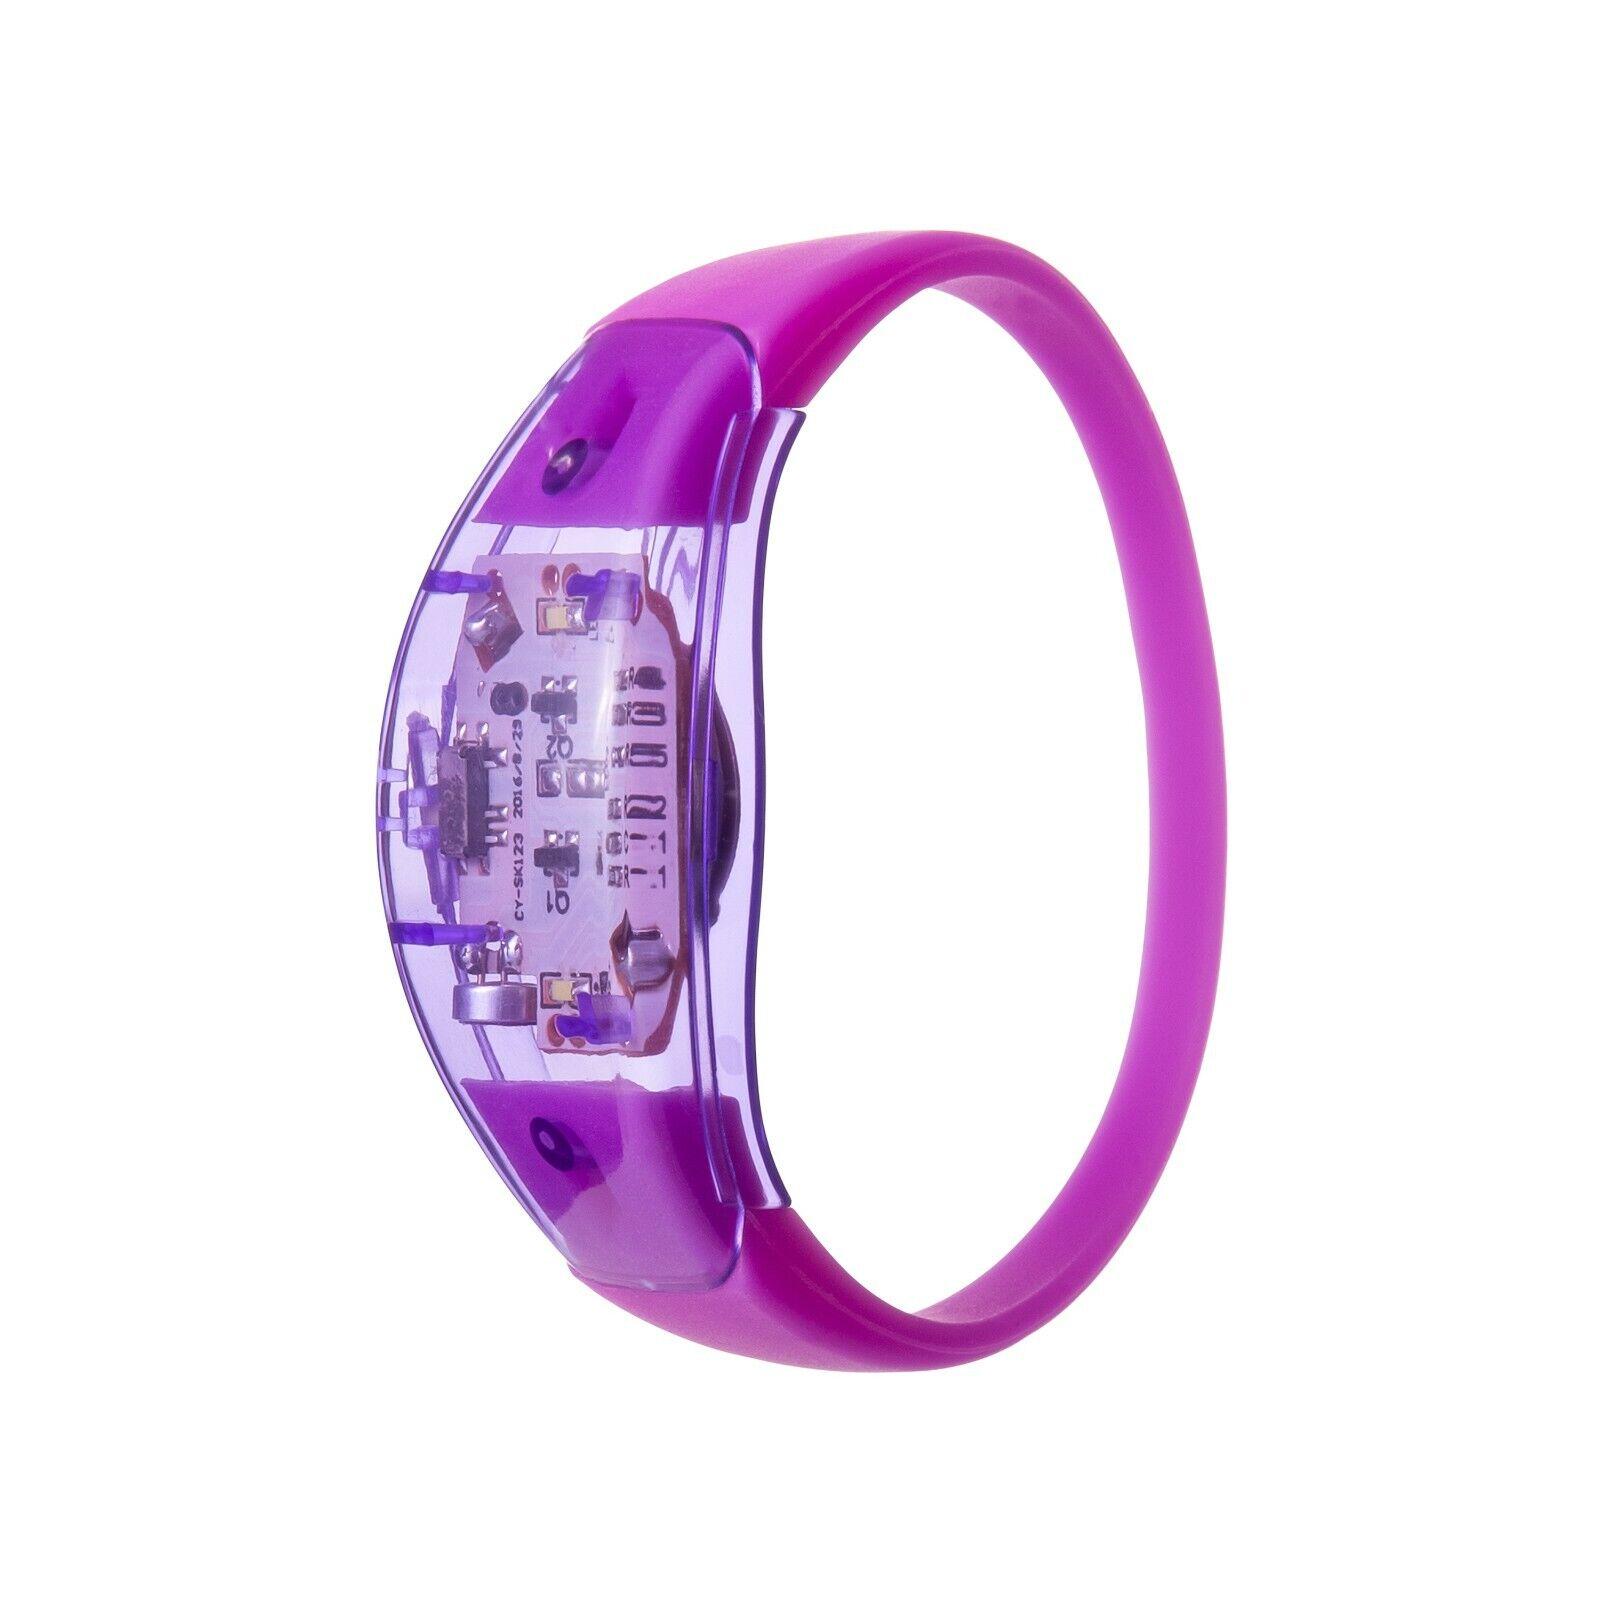 96 Viola Suono Attivato LED Bracciali Light Up lampeggiante Fascia di controllo vocale UK